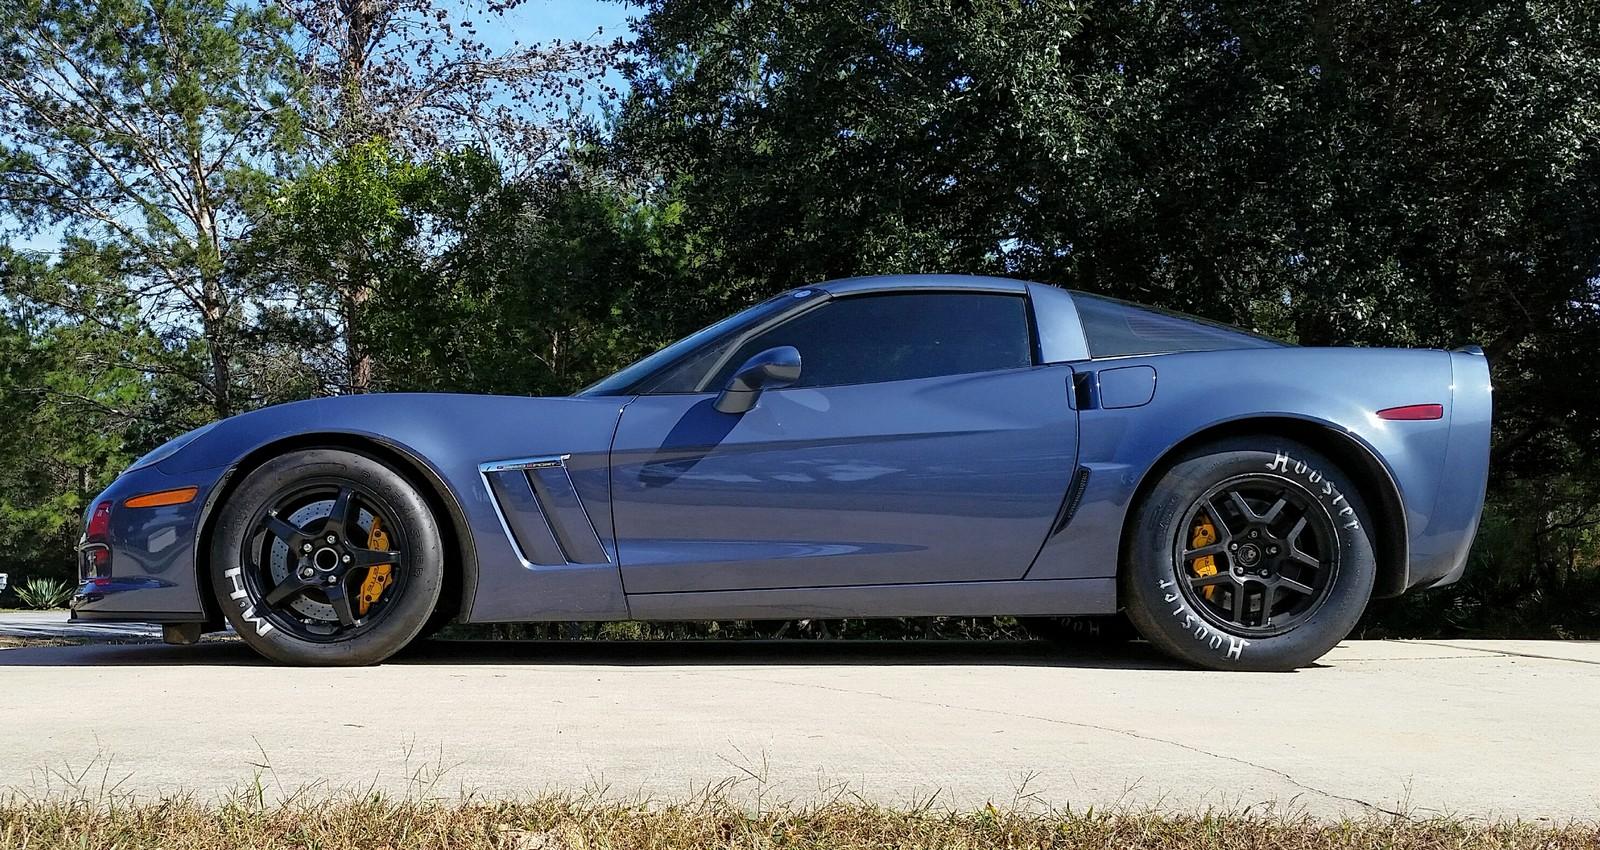 Corvette 2012 chevy corvette : 2012 Chevrolet Corvette Grand Sport 1/4 mile Drag Racing timeslip ...